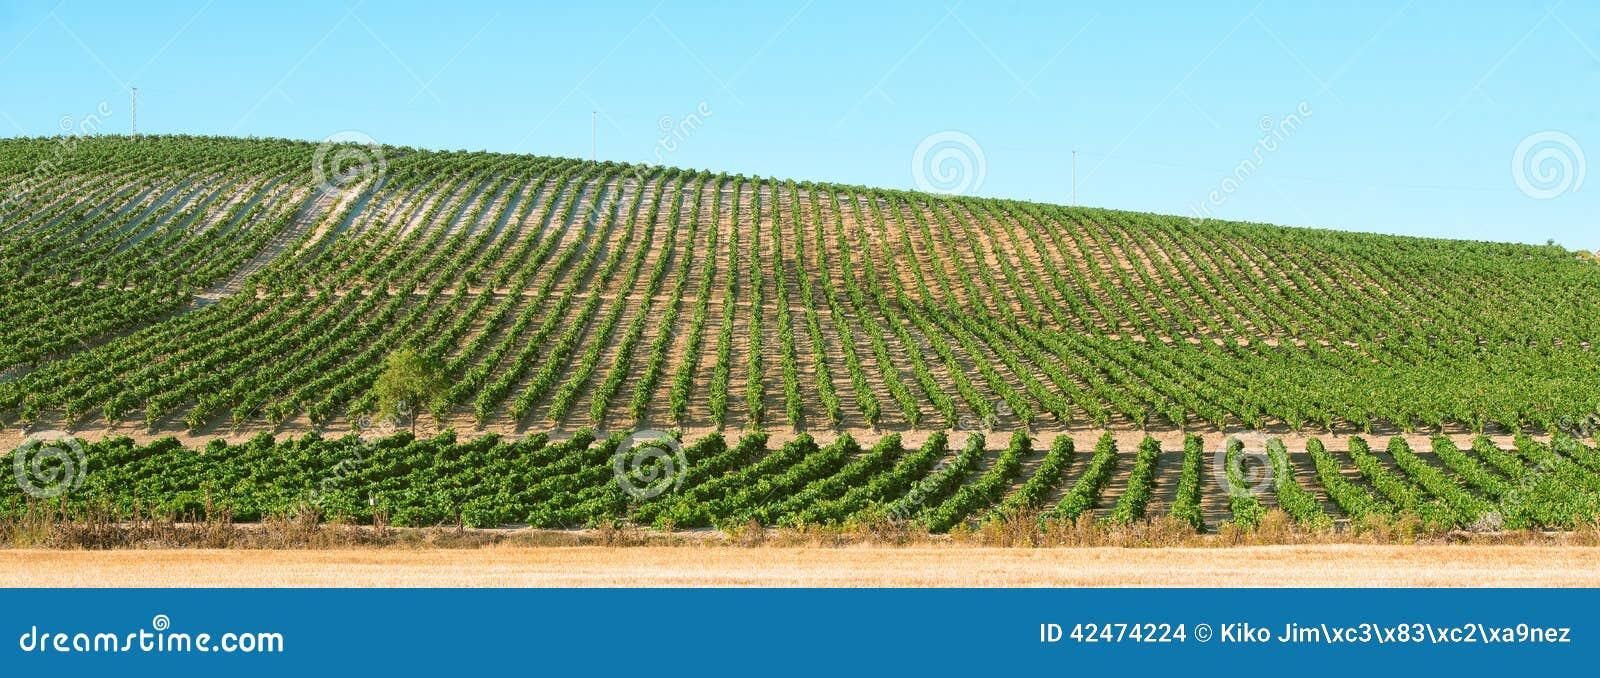 Panoramisch von einem Weinberg